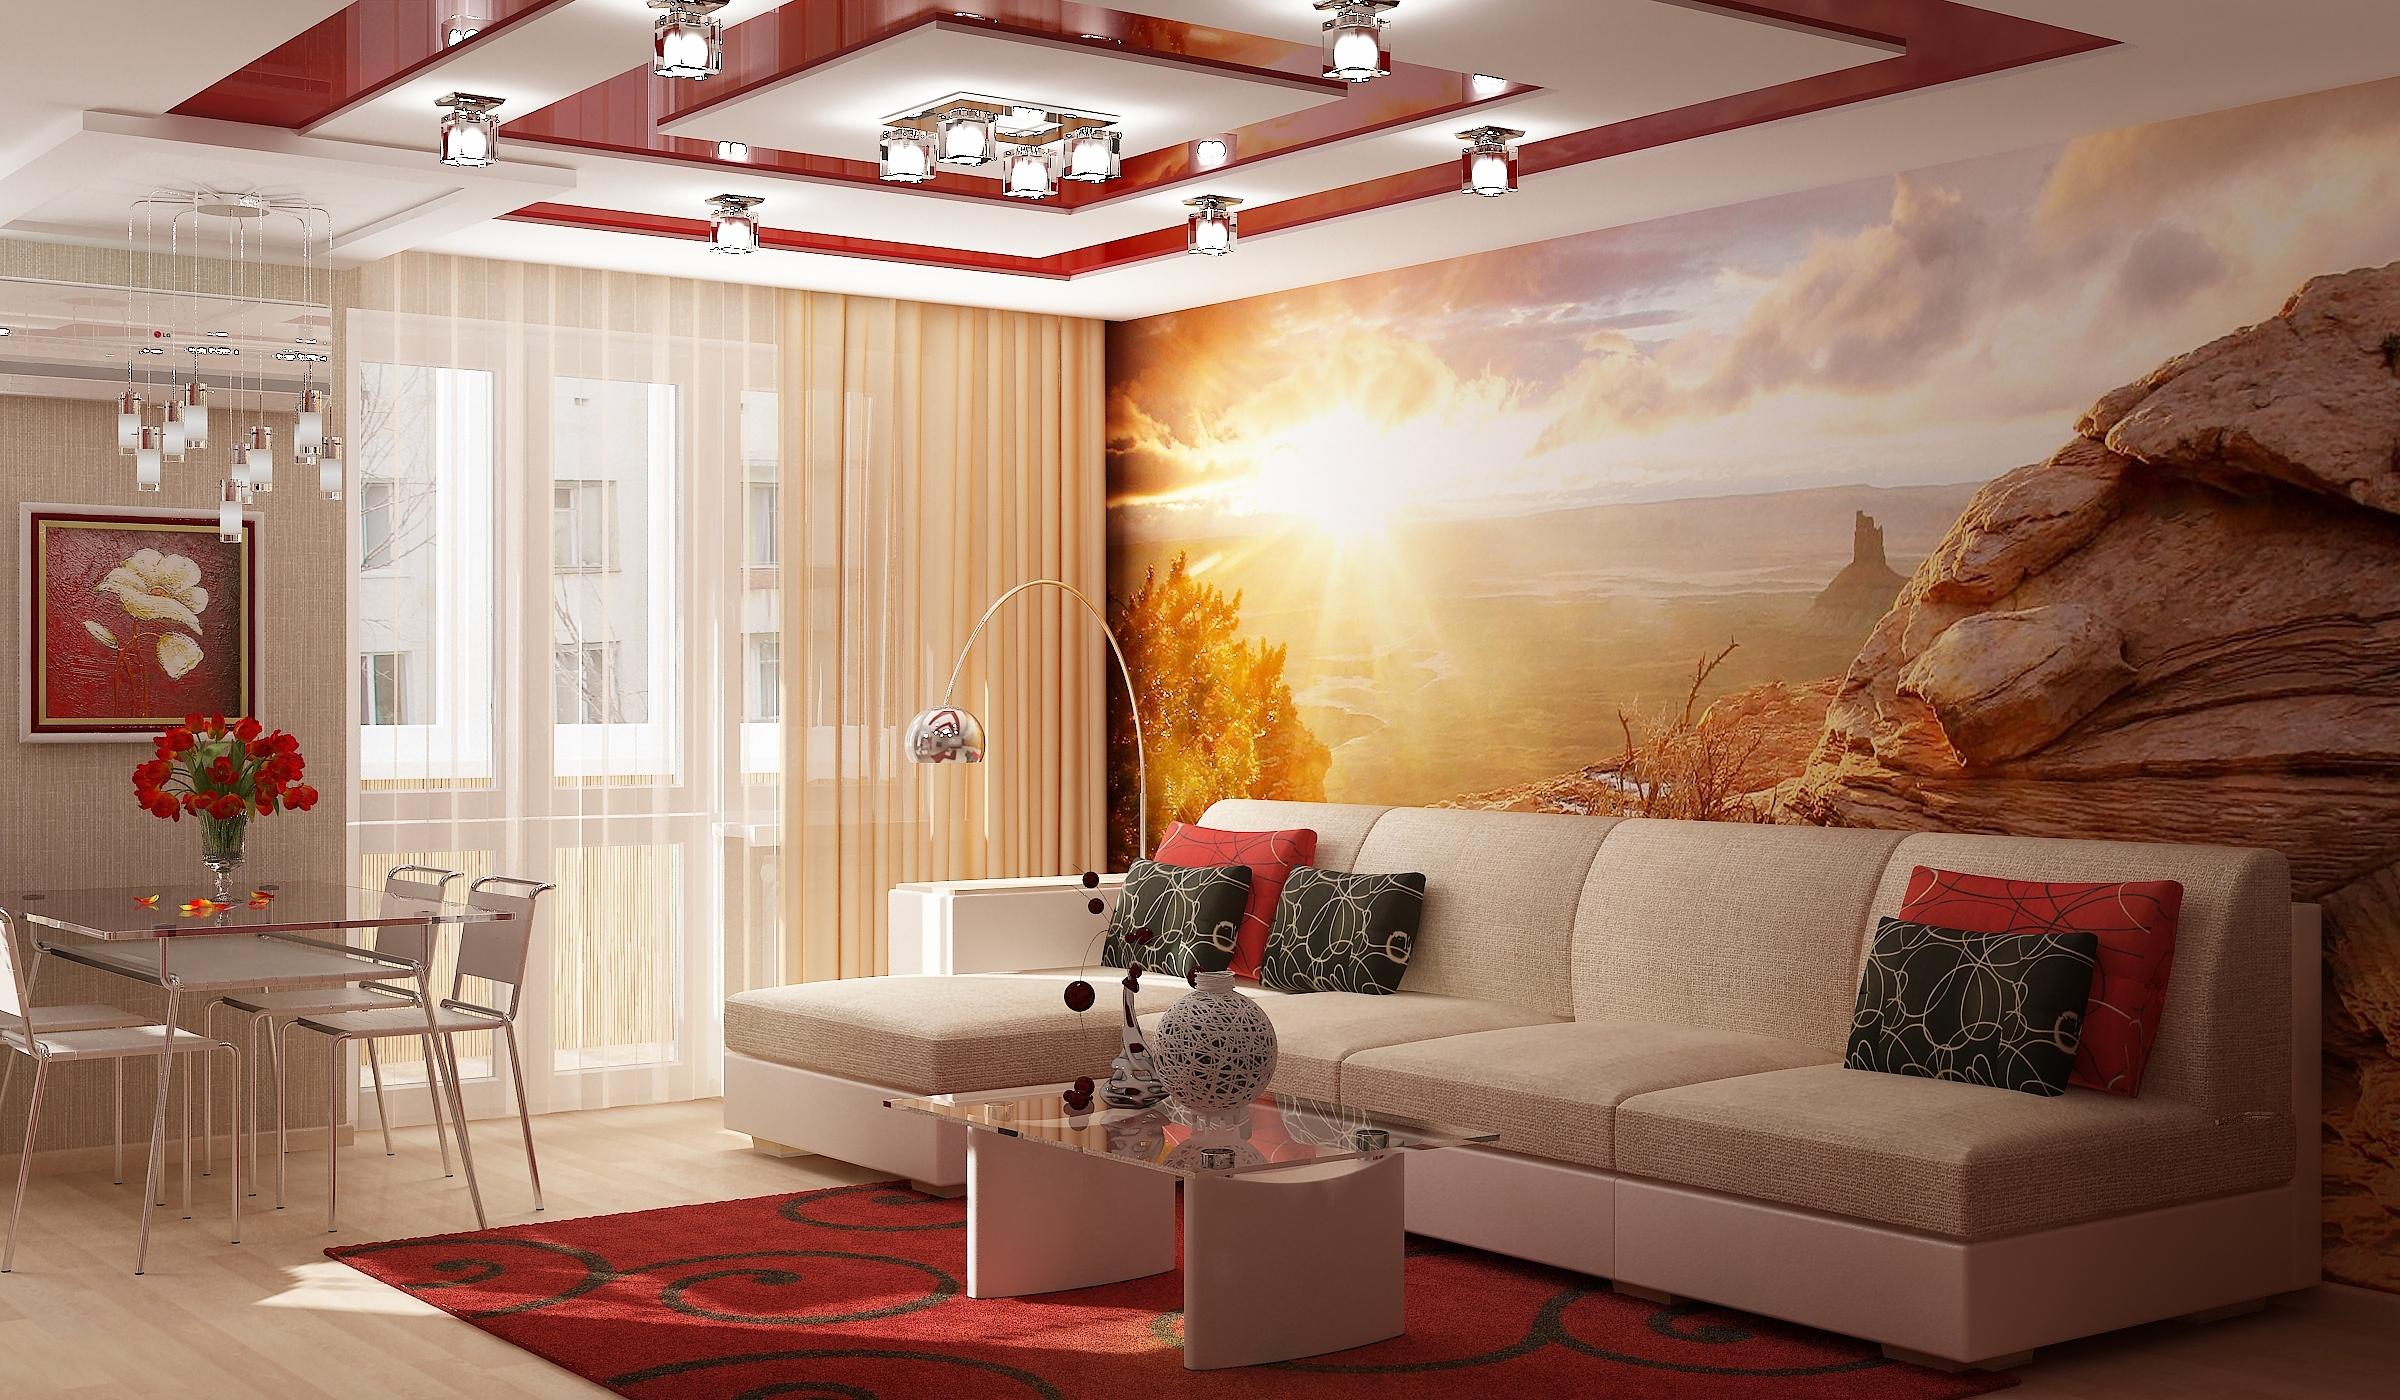 Как сделать красивый интерьер в квартире